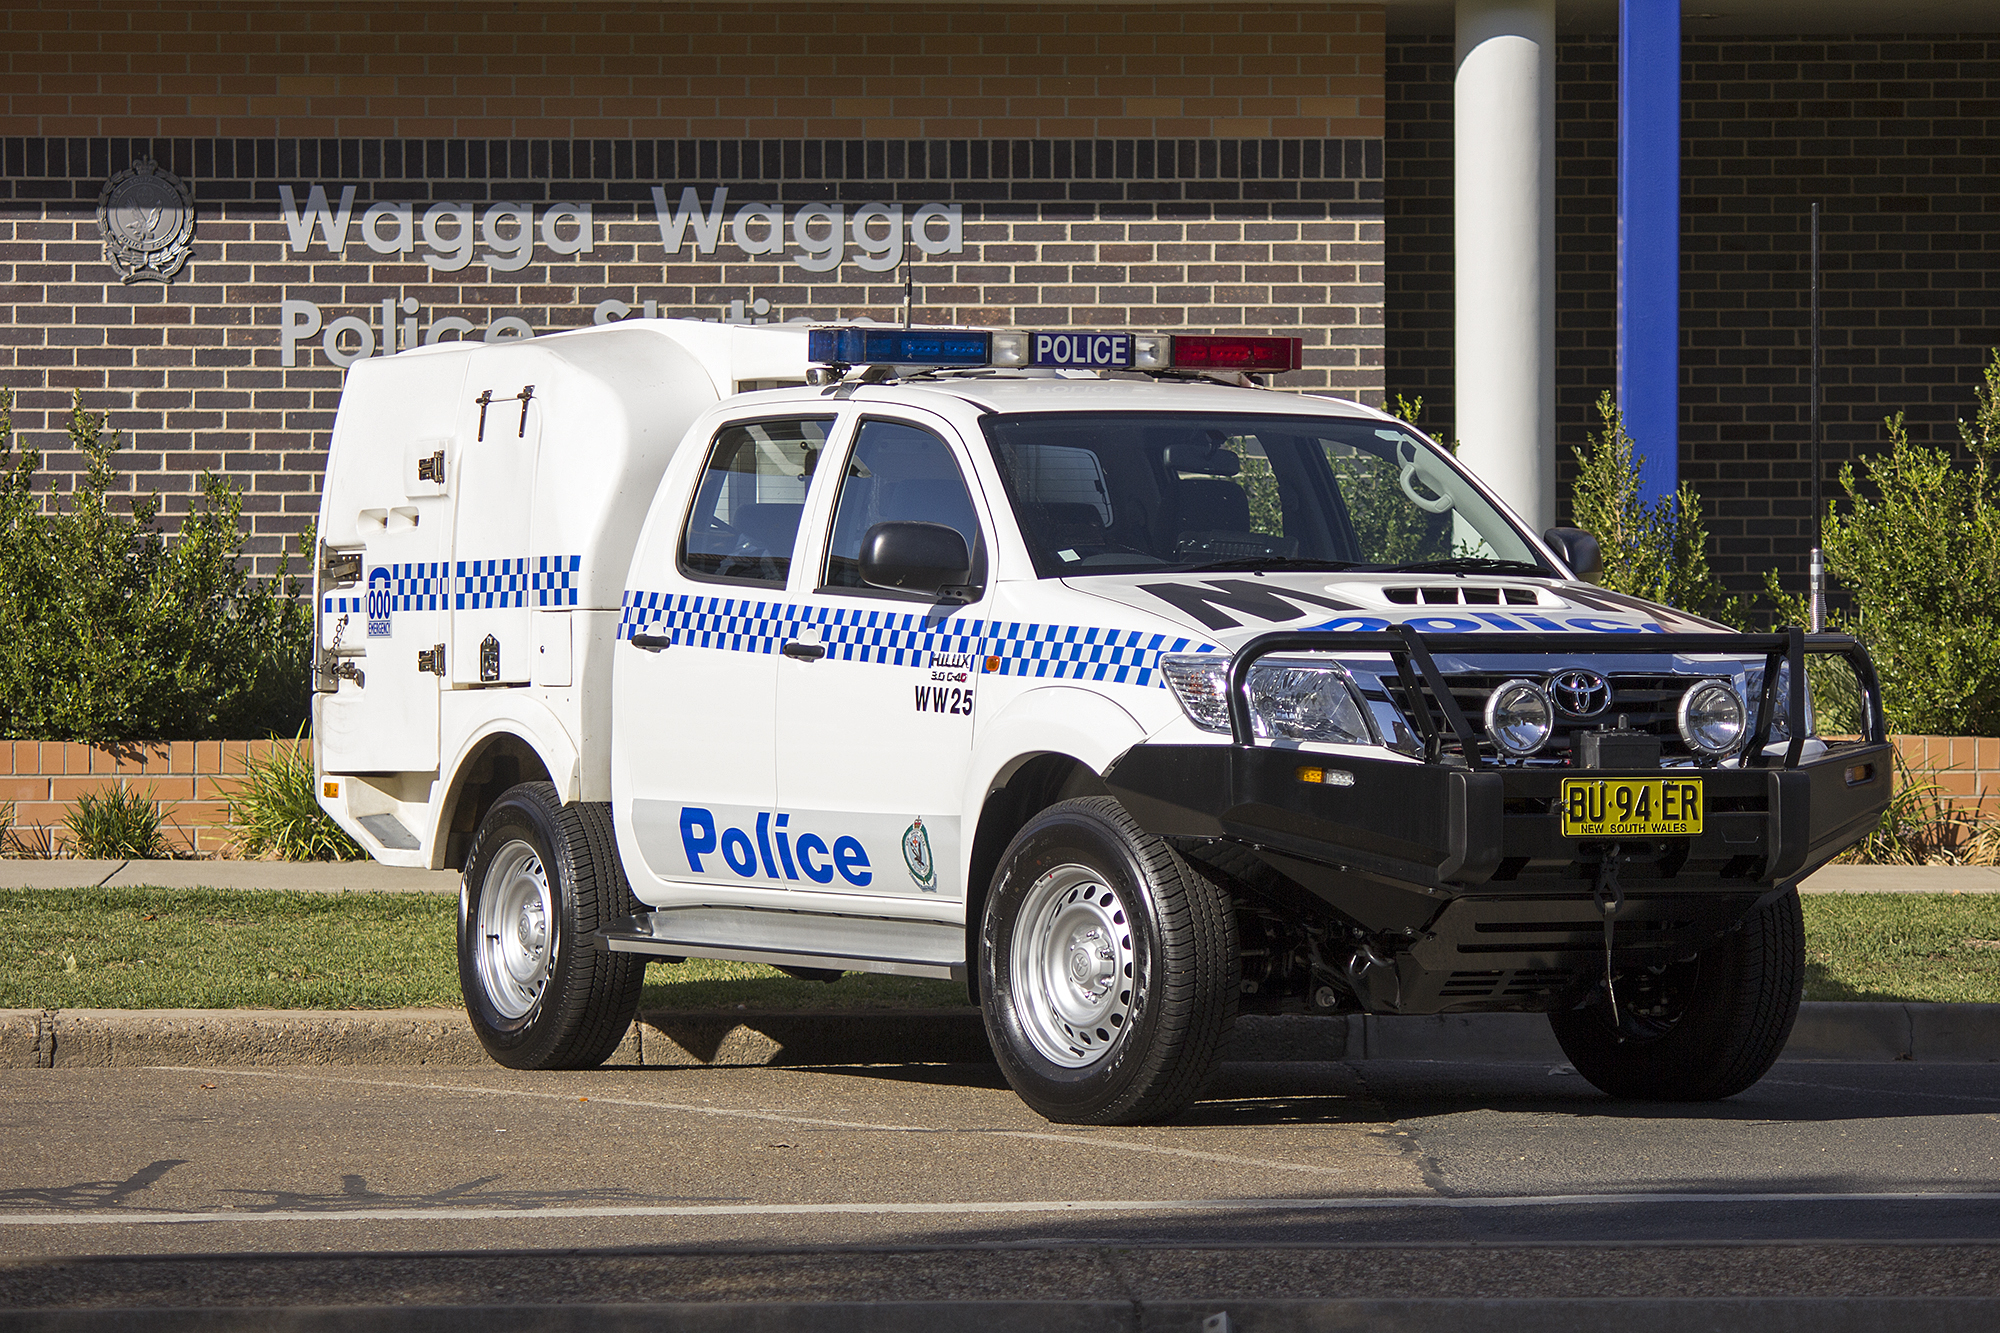 File:Wagga Wagga LAC (WW 25) Toyota Hilux at Wagga Wagga Police